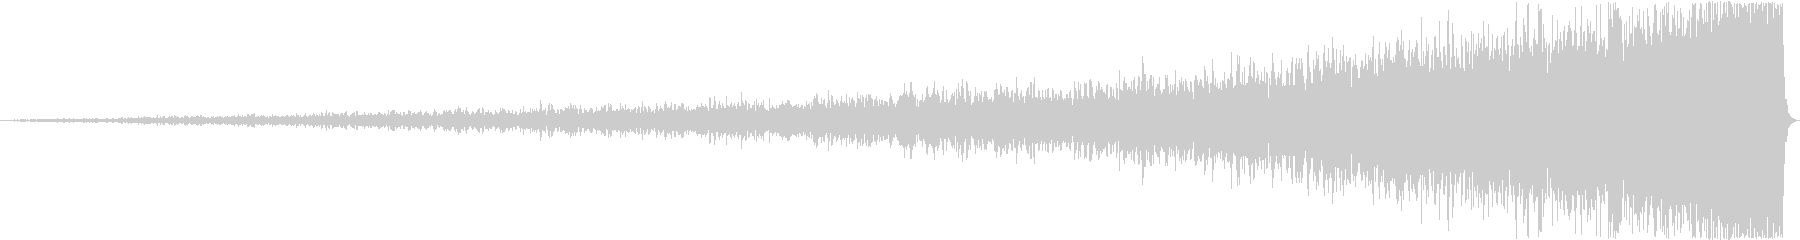 【インパクト】壮大なライザー音の未再生の波形